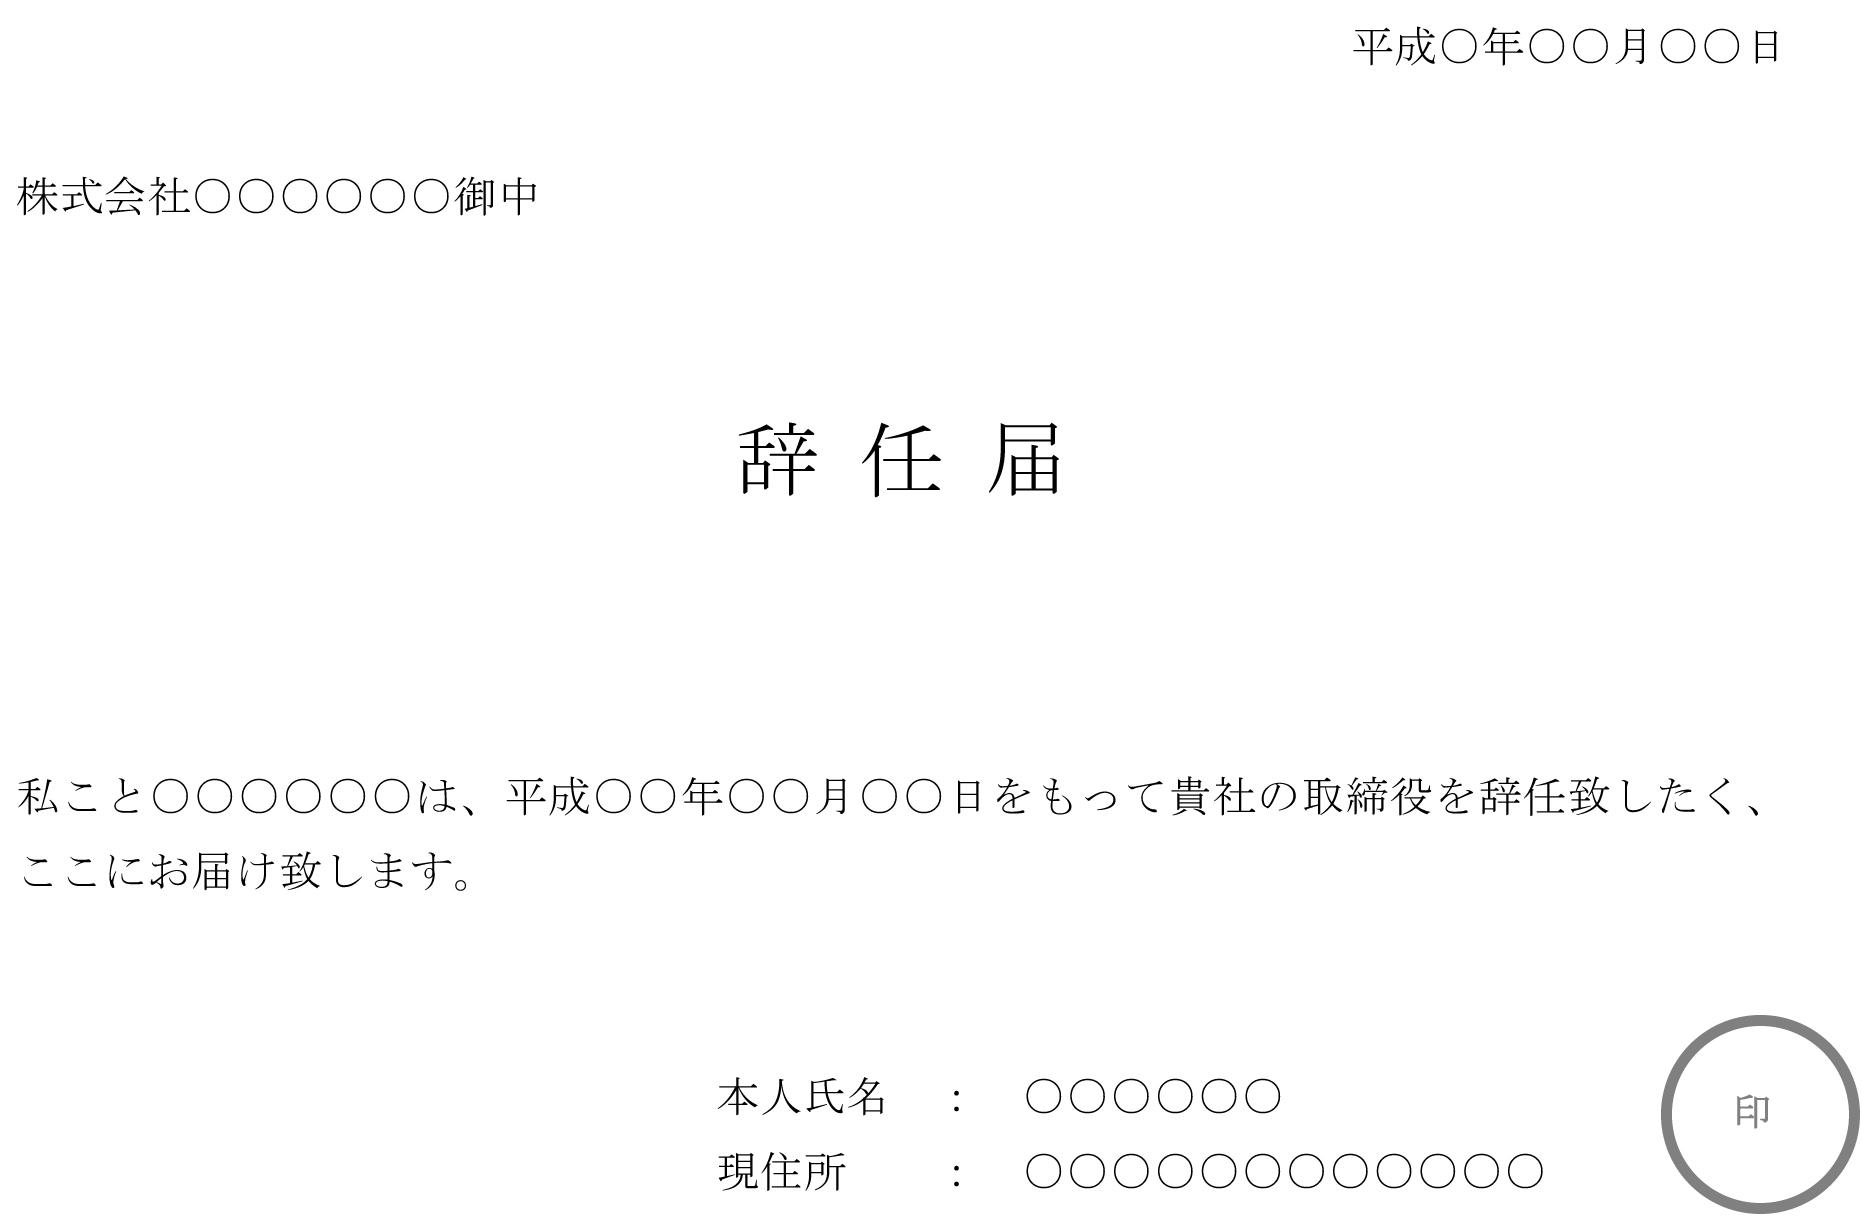 辞任届(取締役) – テンプレー...